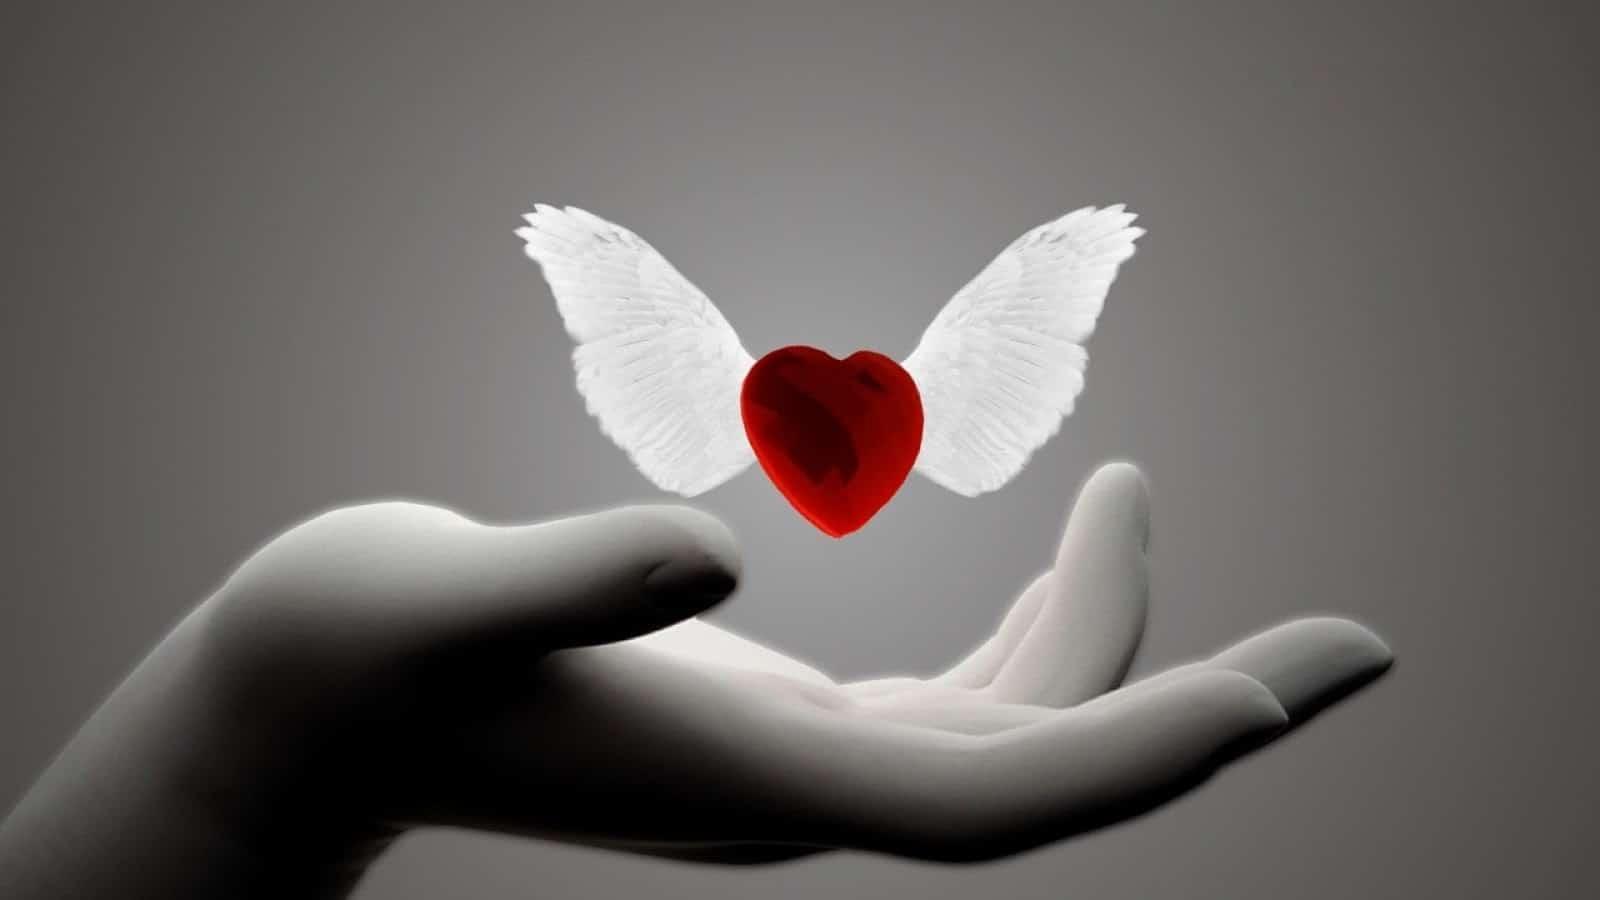 ما هي انواع الحب الموجودة في حياتنا اليومية